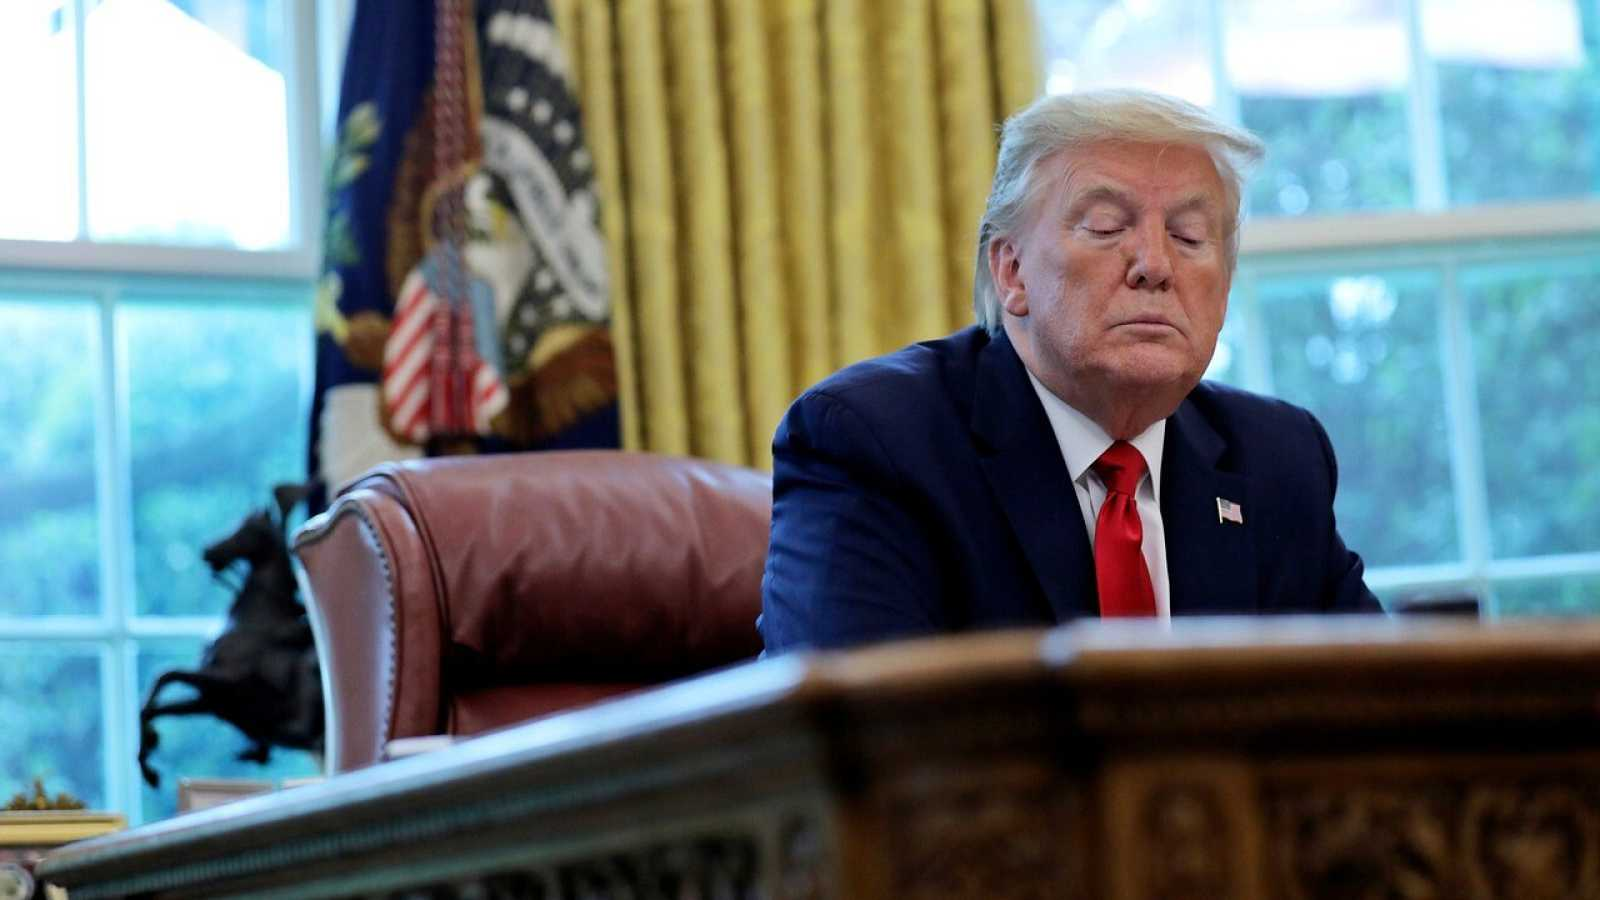 Donald Trump en el Despacho Oval durante la entrevista